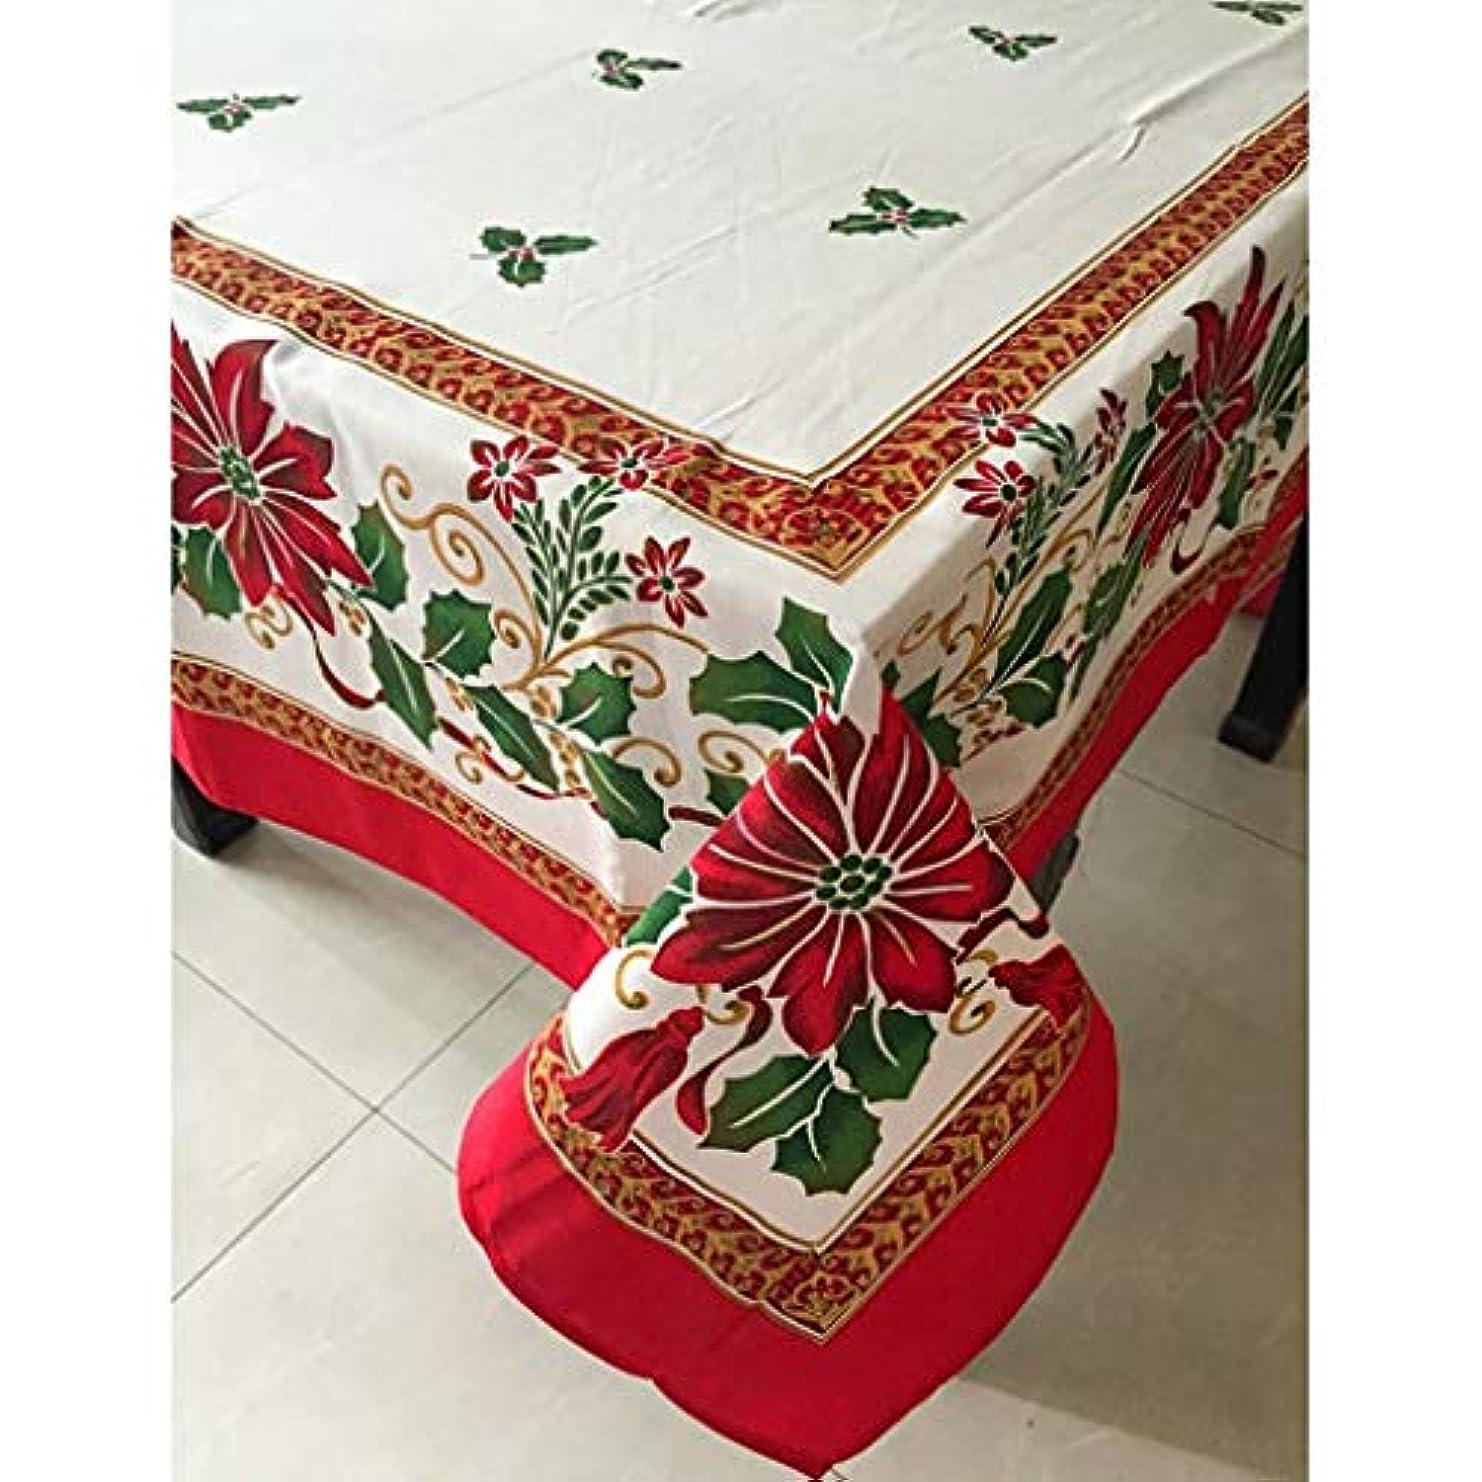 自分ニッケルただやるクリスマスオーバルテーブルクロス長方形テーブルクロス大西部テーブルクロスのためにクリスマスパーティーファミリーディナー、レッド (Size : Rectangle 152x259cm/60x102